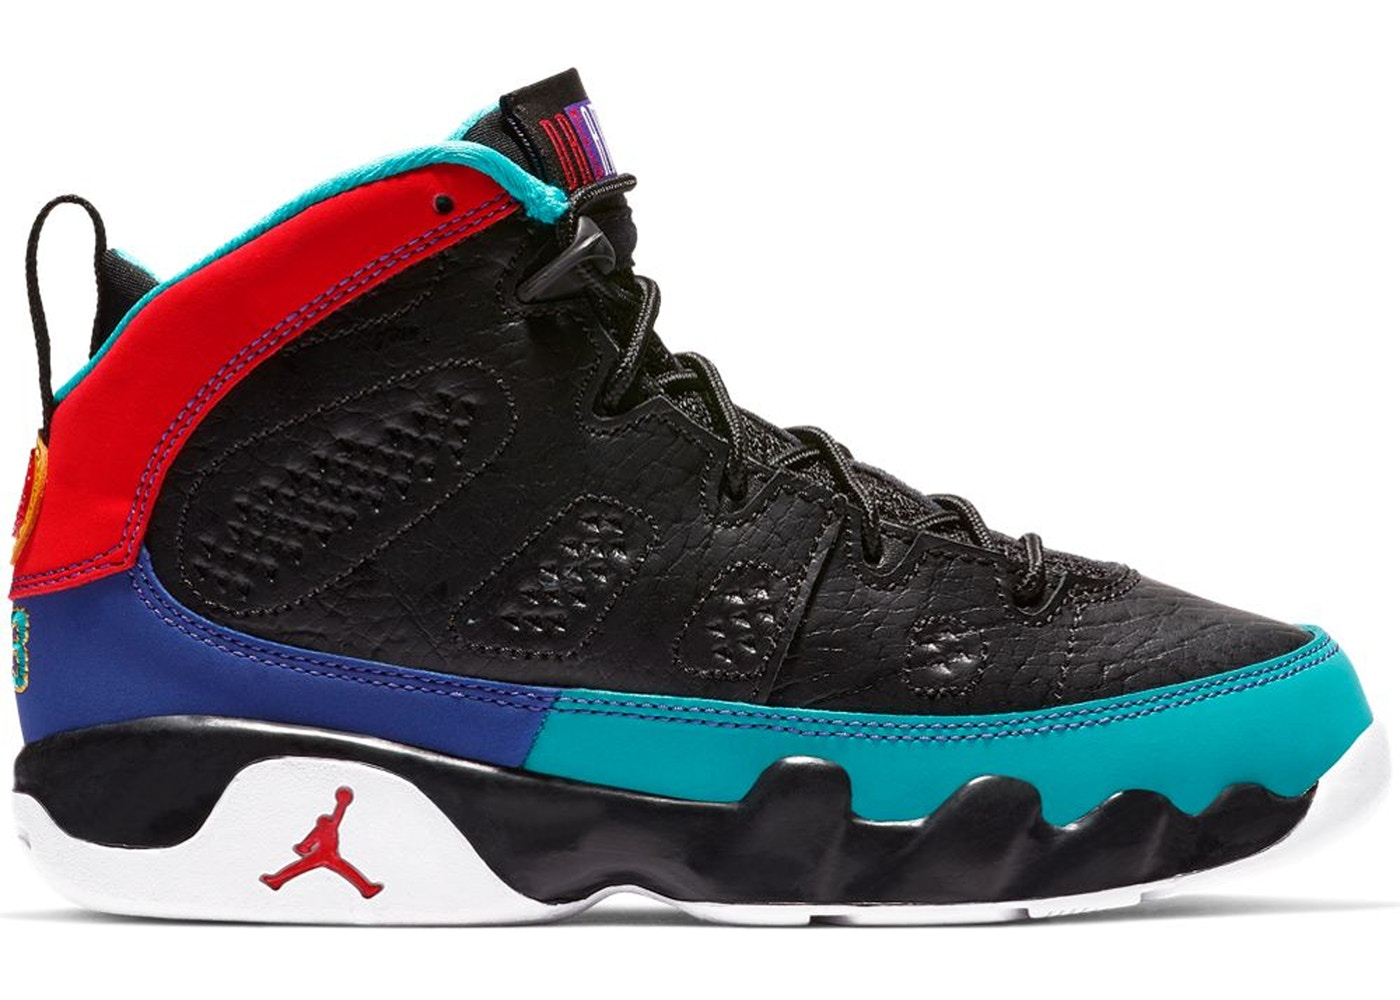 super popular 1f508 5b354 Buy Air Jordan 9 Size 13 Shoes   Deadstock Sneakers